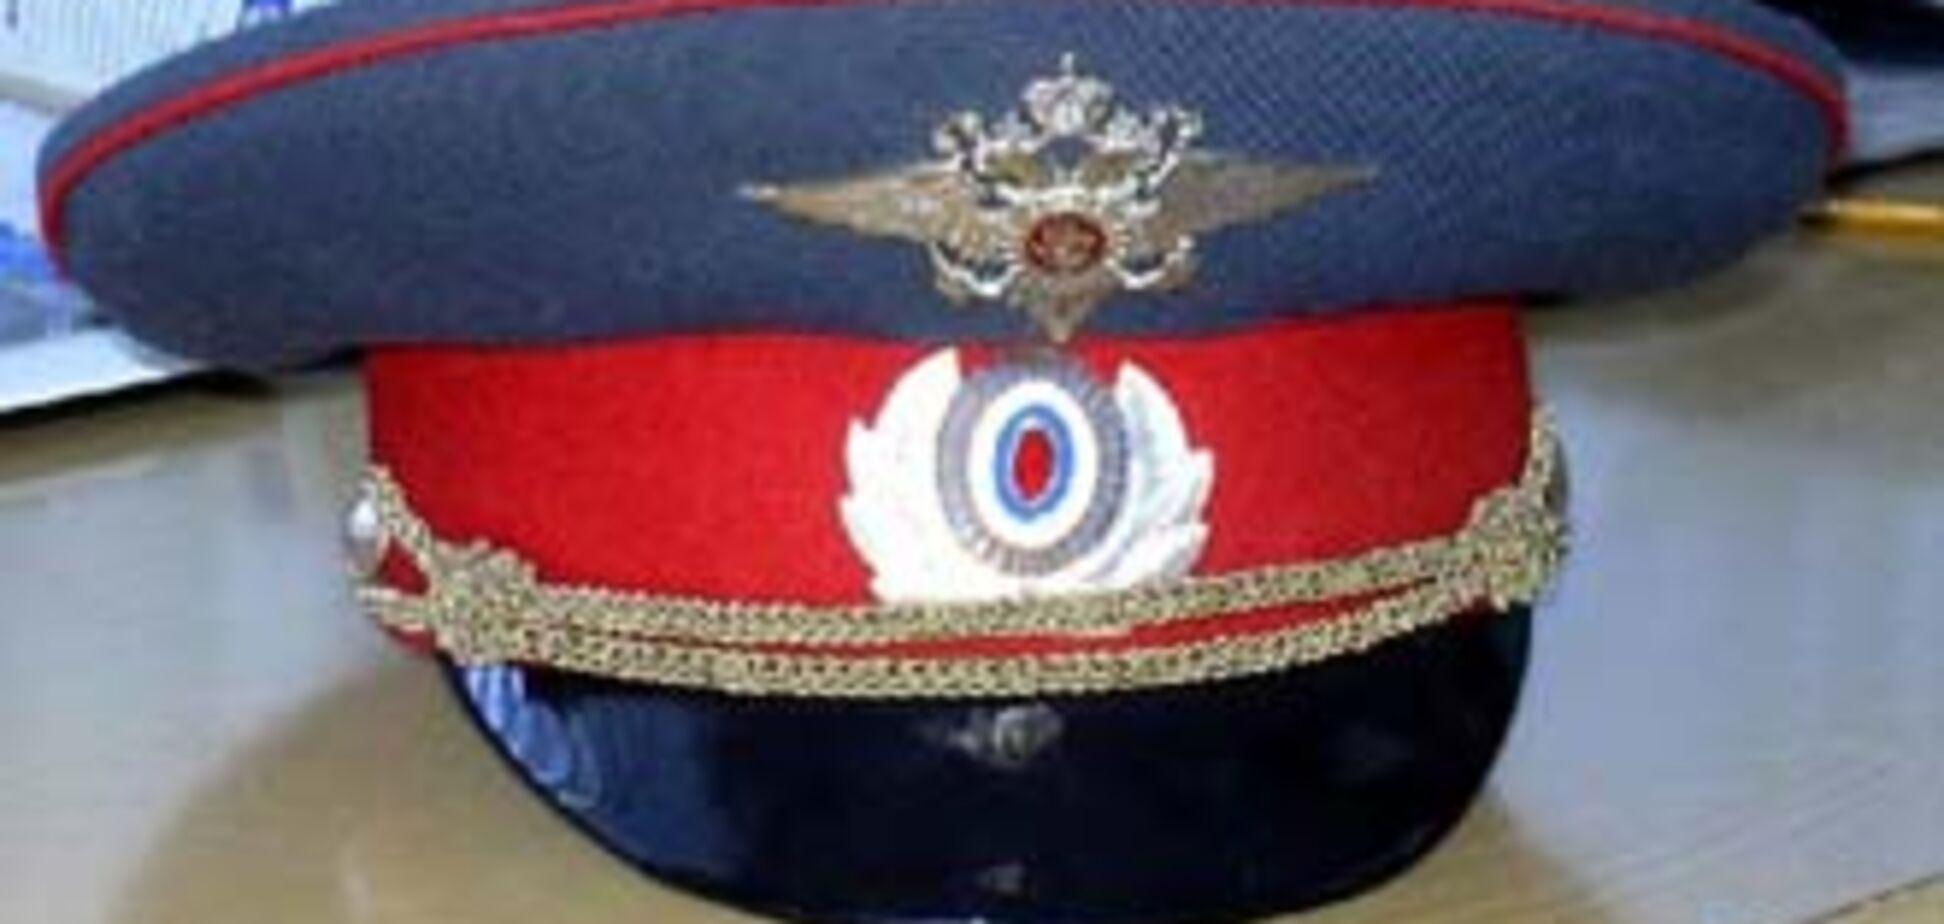 Милиционер избил парня, обратившегося за помощью